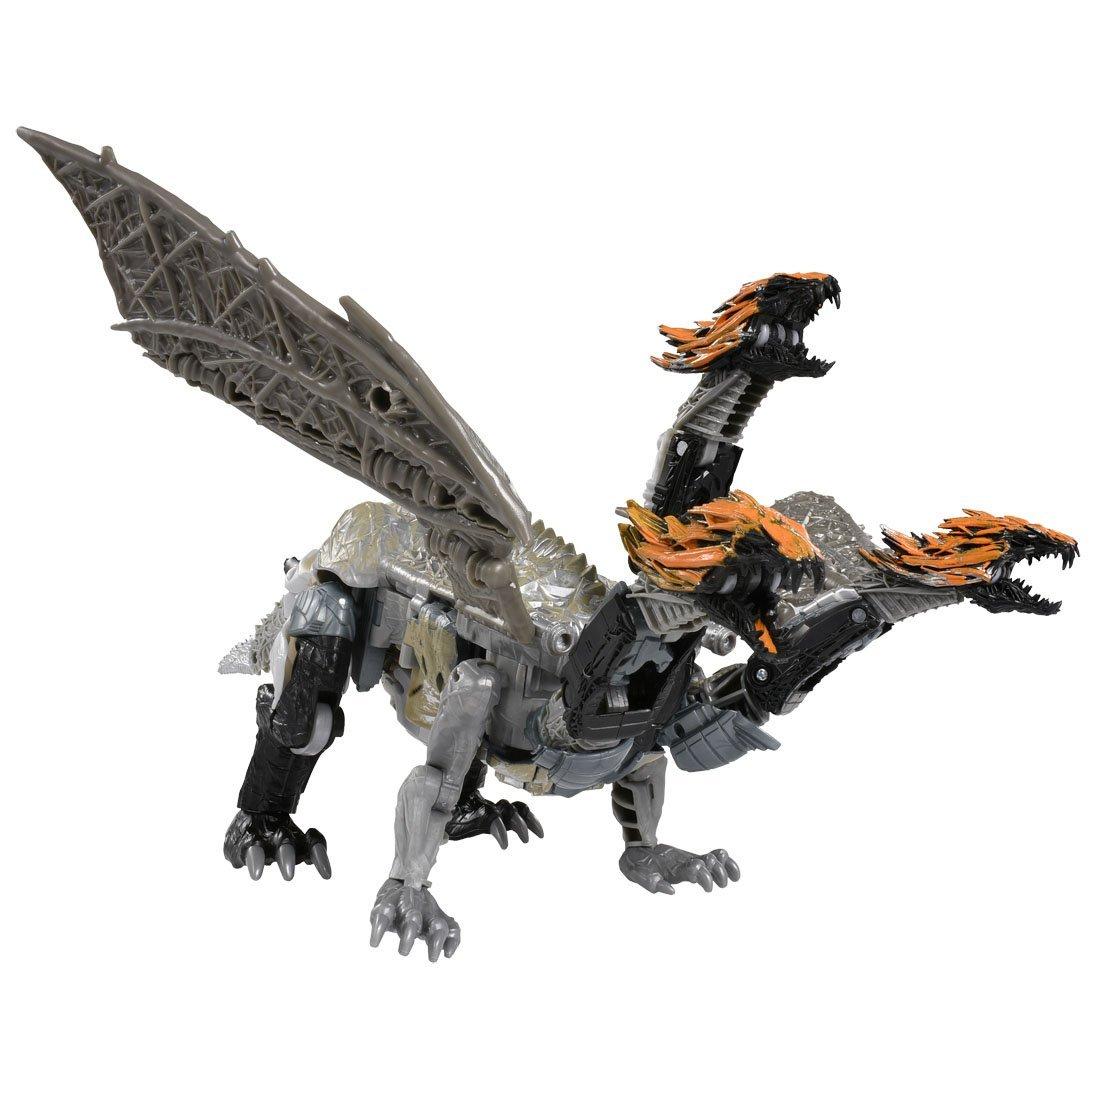 トランスフォーマームービー TLK-30 ドラゴンストーム